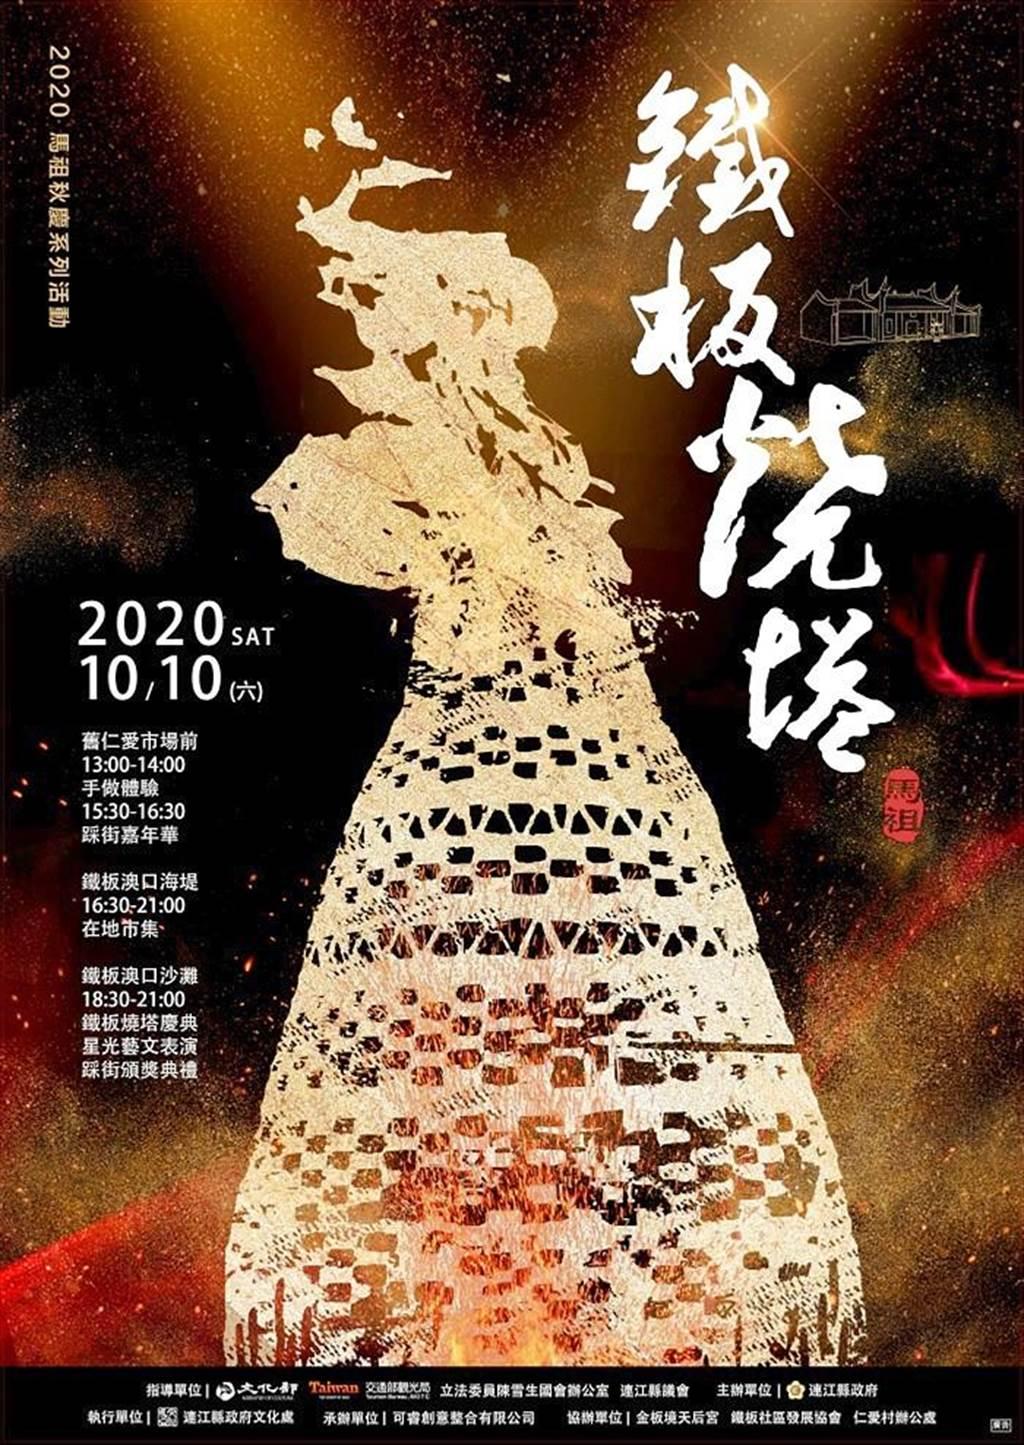 「鐵板燒塔節」成為獨具特色的文化節慶,今年國慶日當天將以「除疫迎新」為主題重現百年禮俗。(連江縣文化處提供)